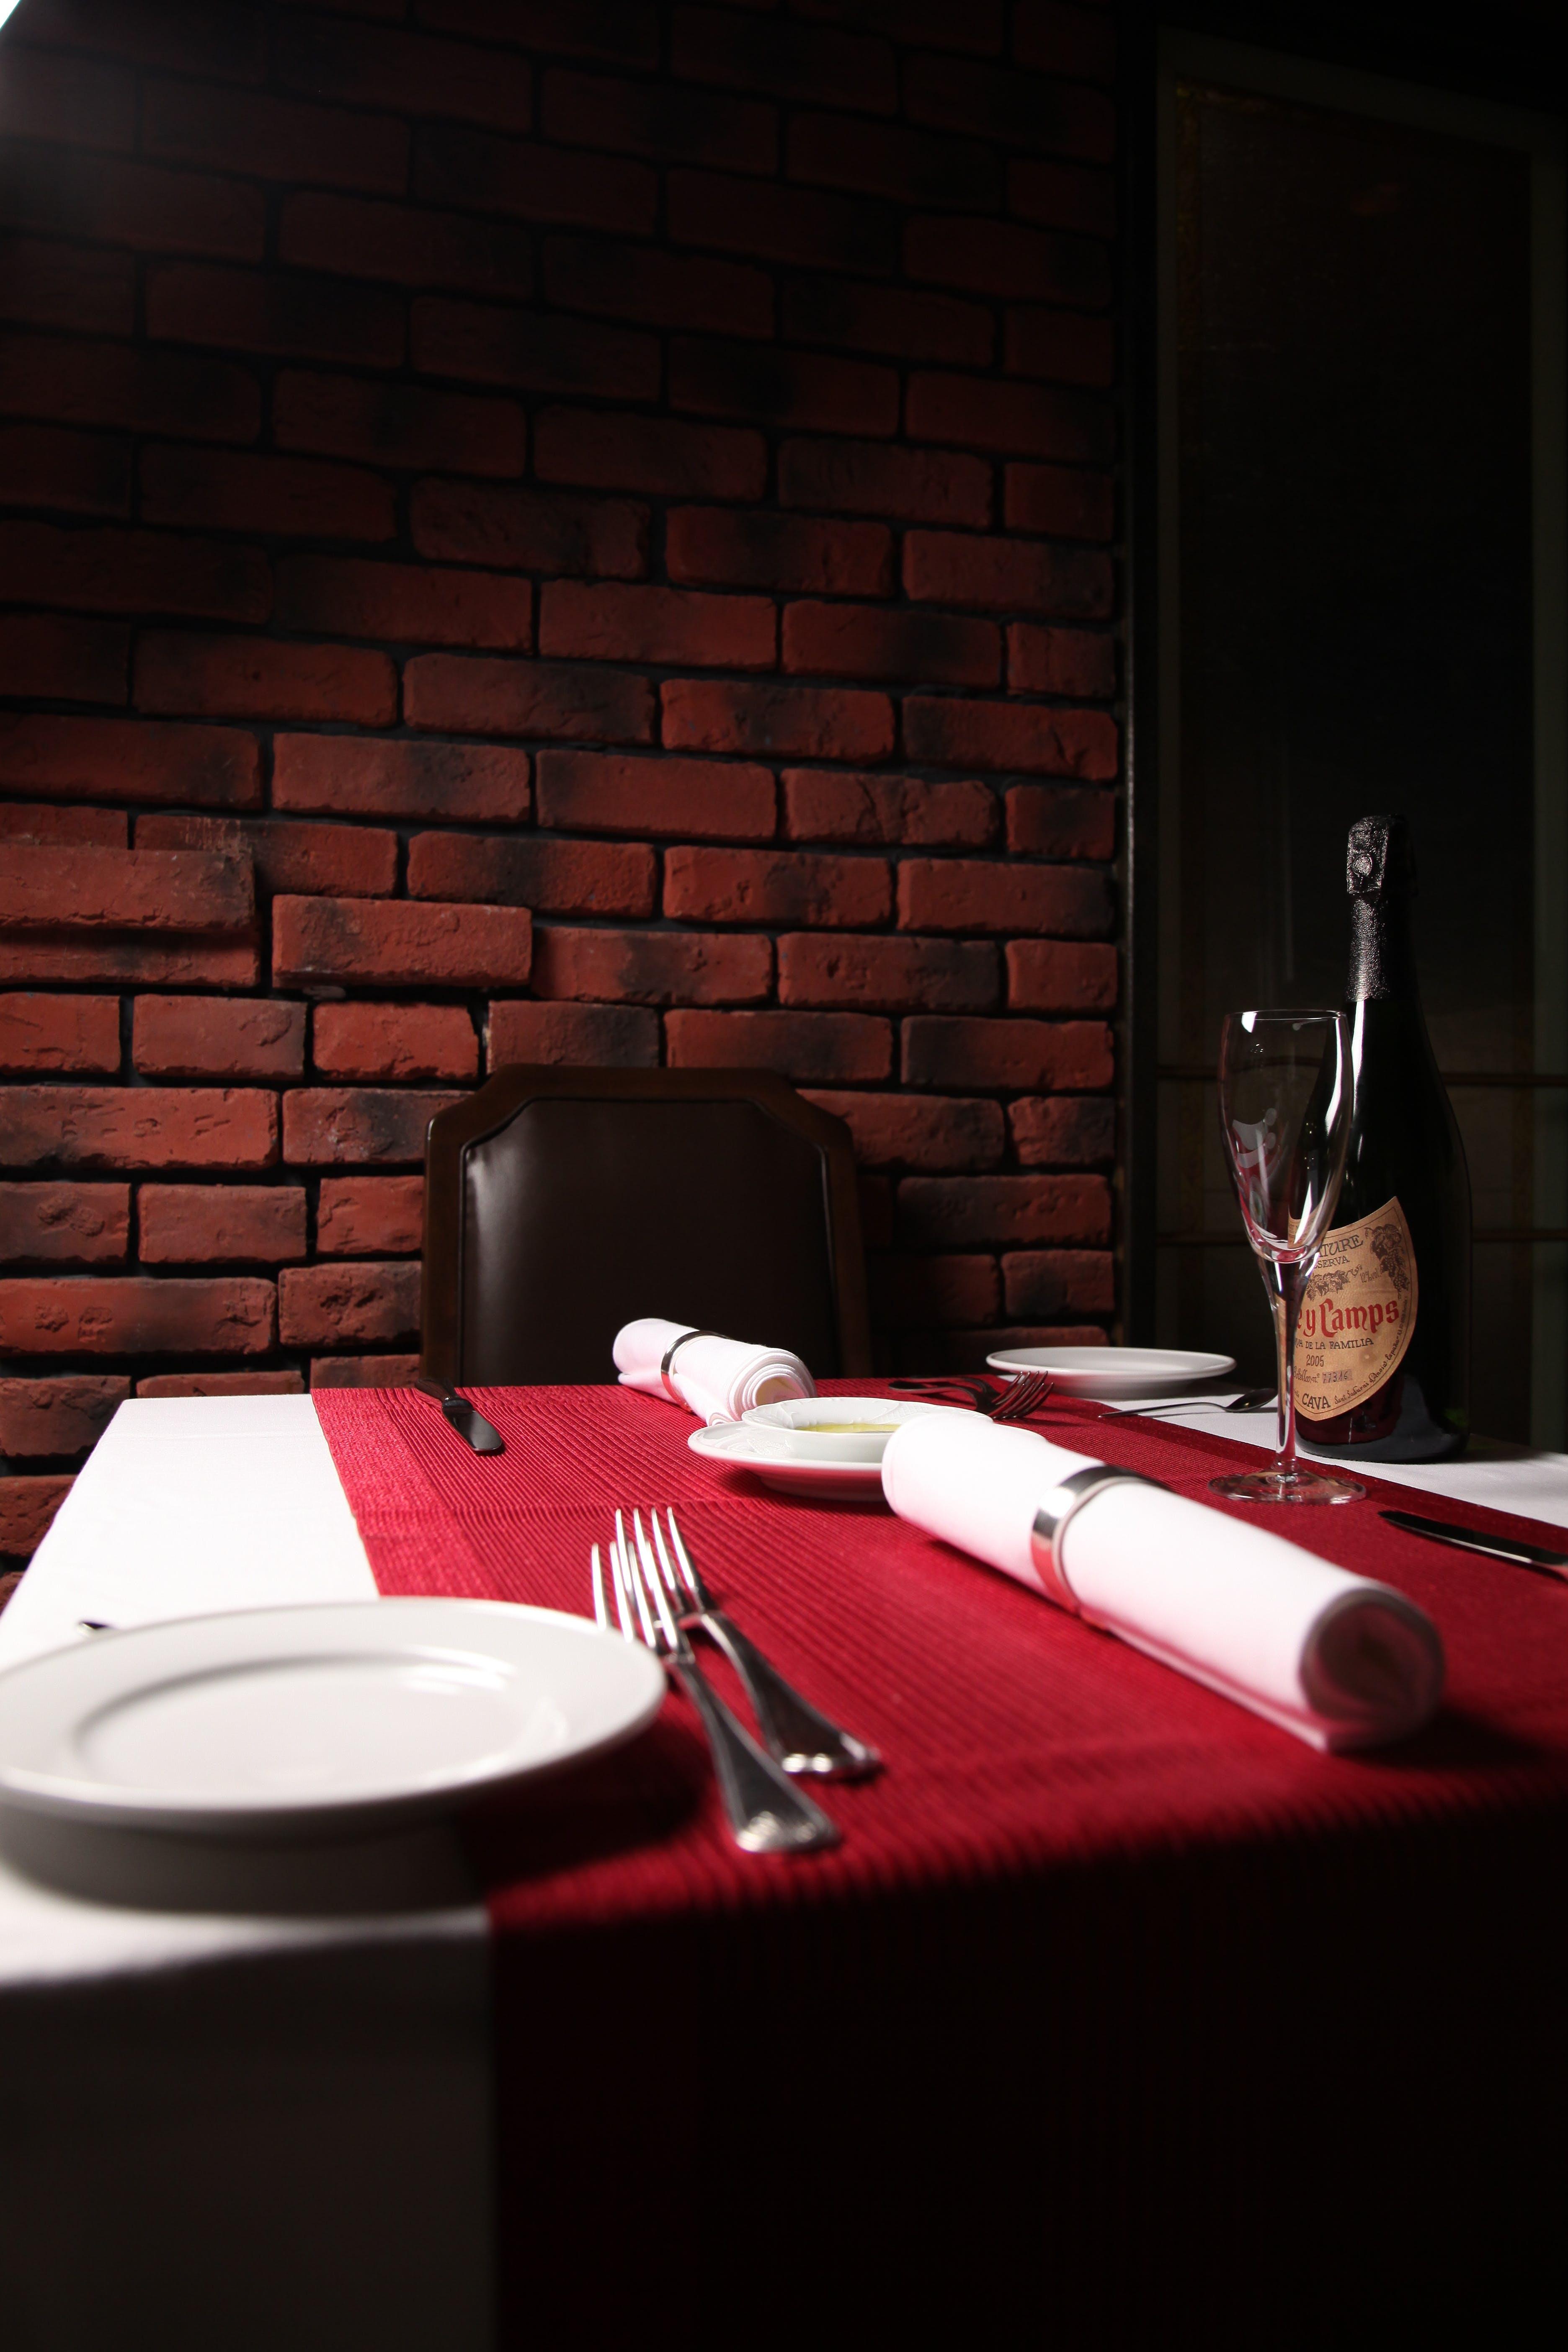 Darmowe zdjęcie z galerii z rozwidlenia, sztućce, talerz, zastawa stołowa